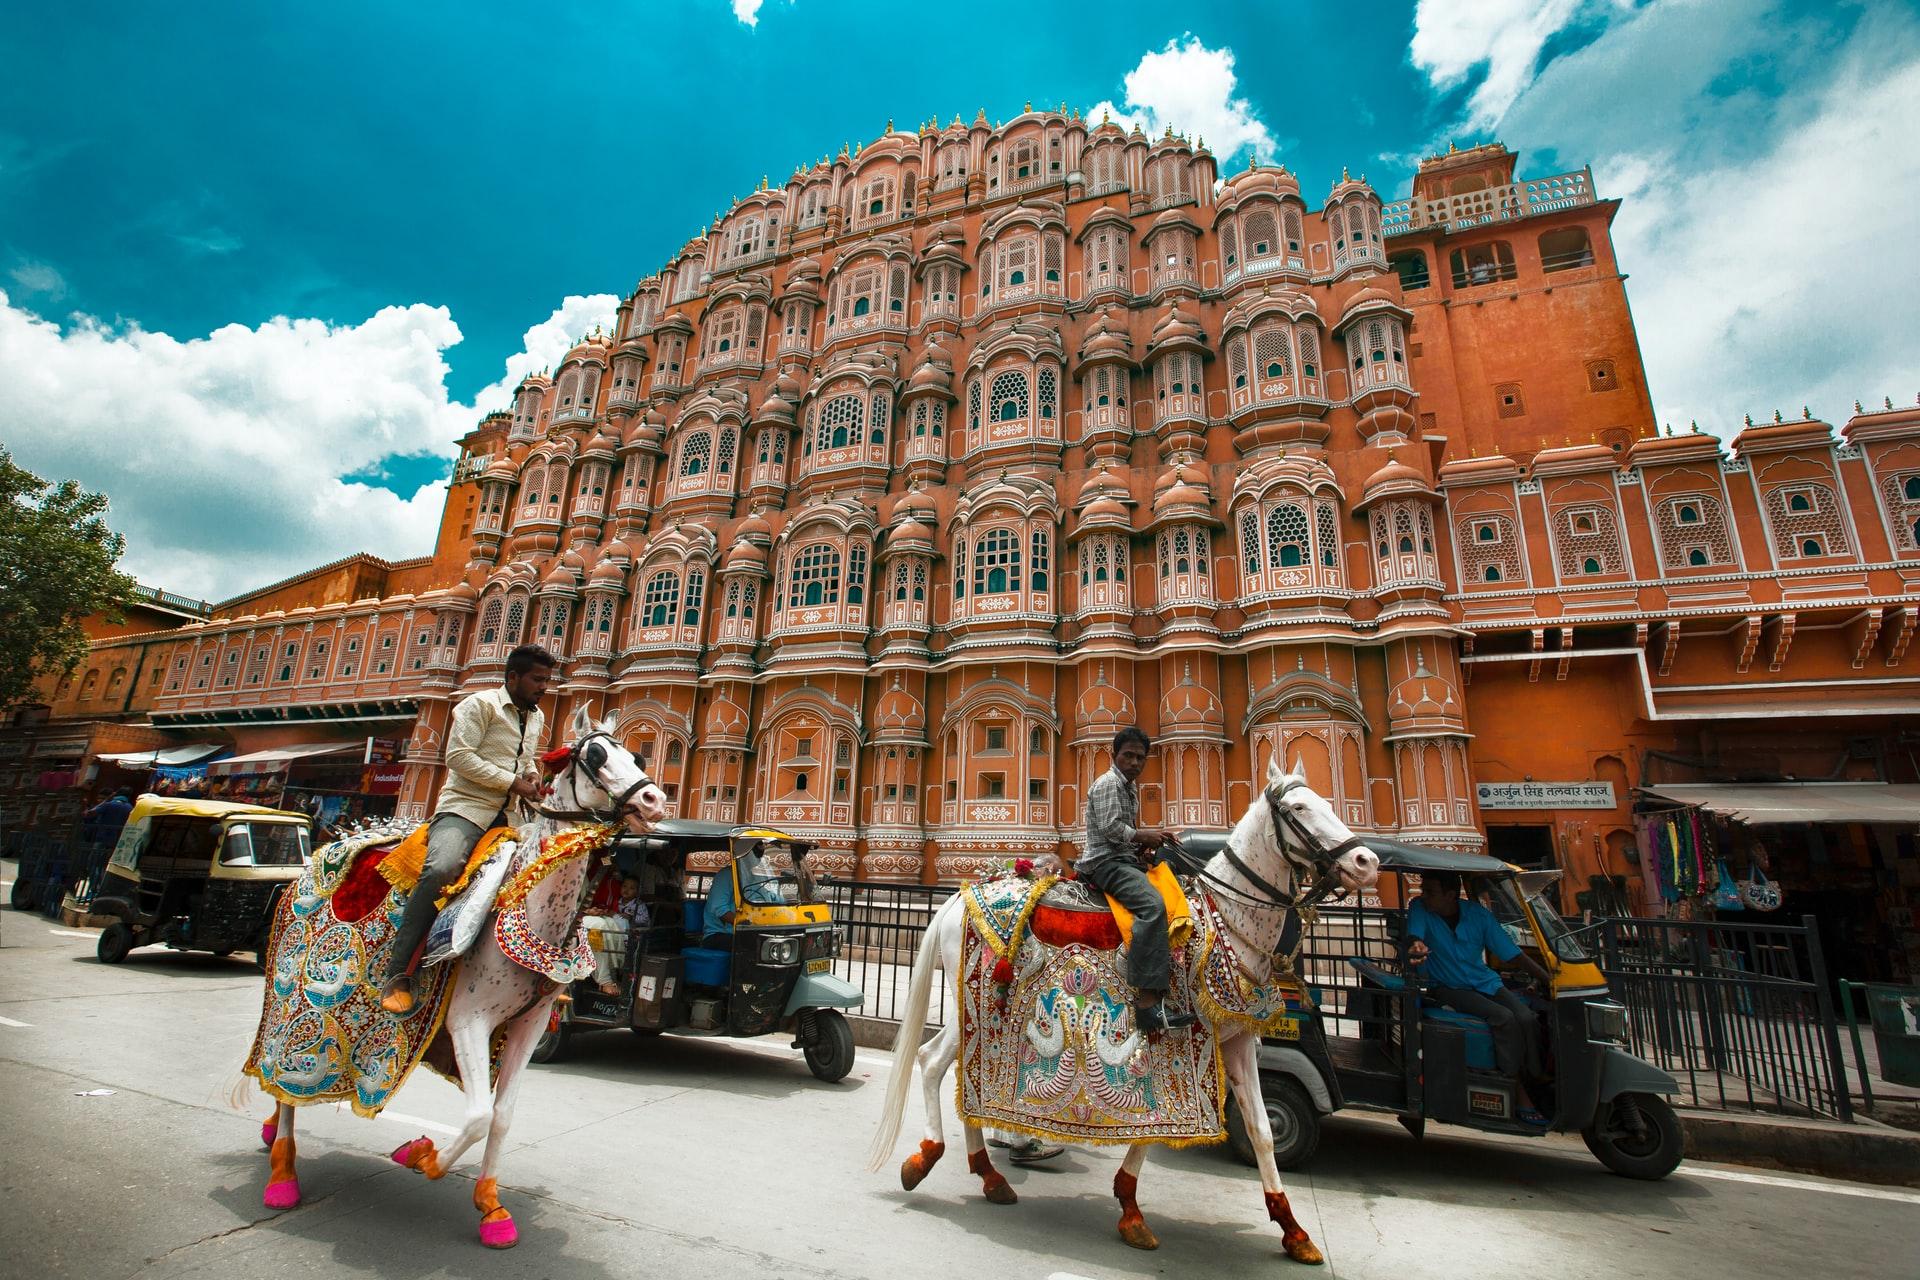 الثقافة الهندية بجانب قصر هوا محل